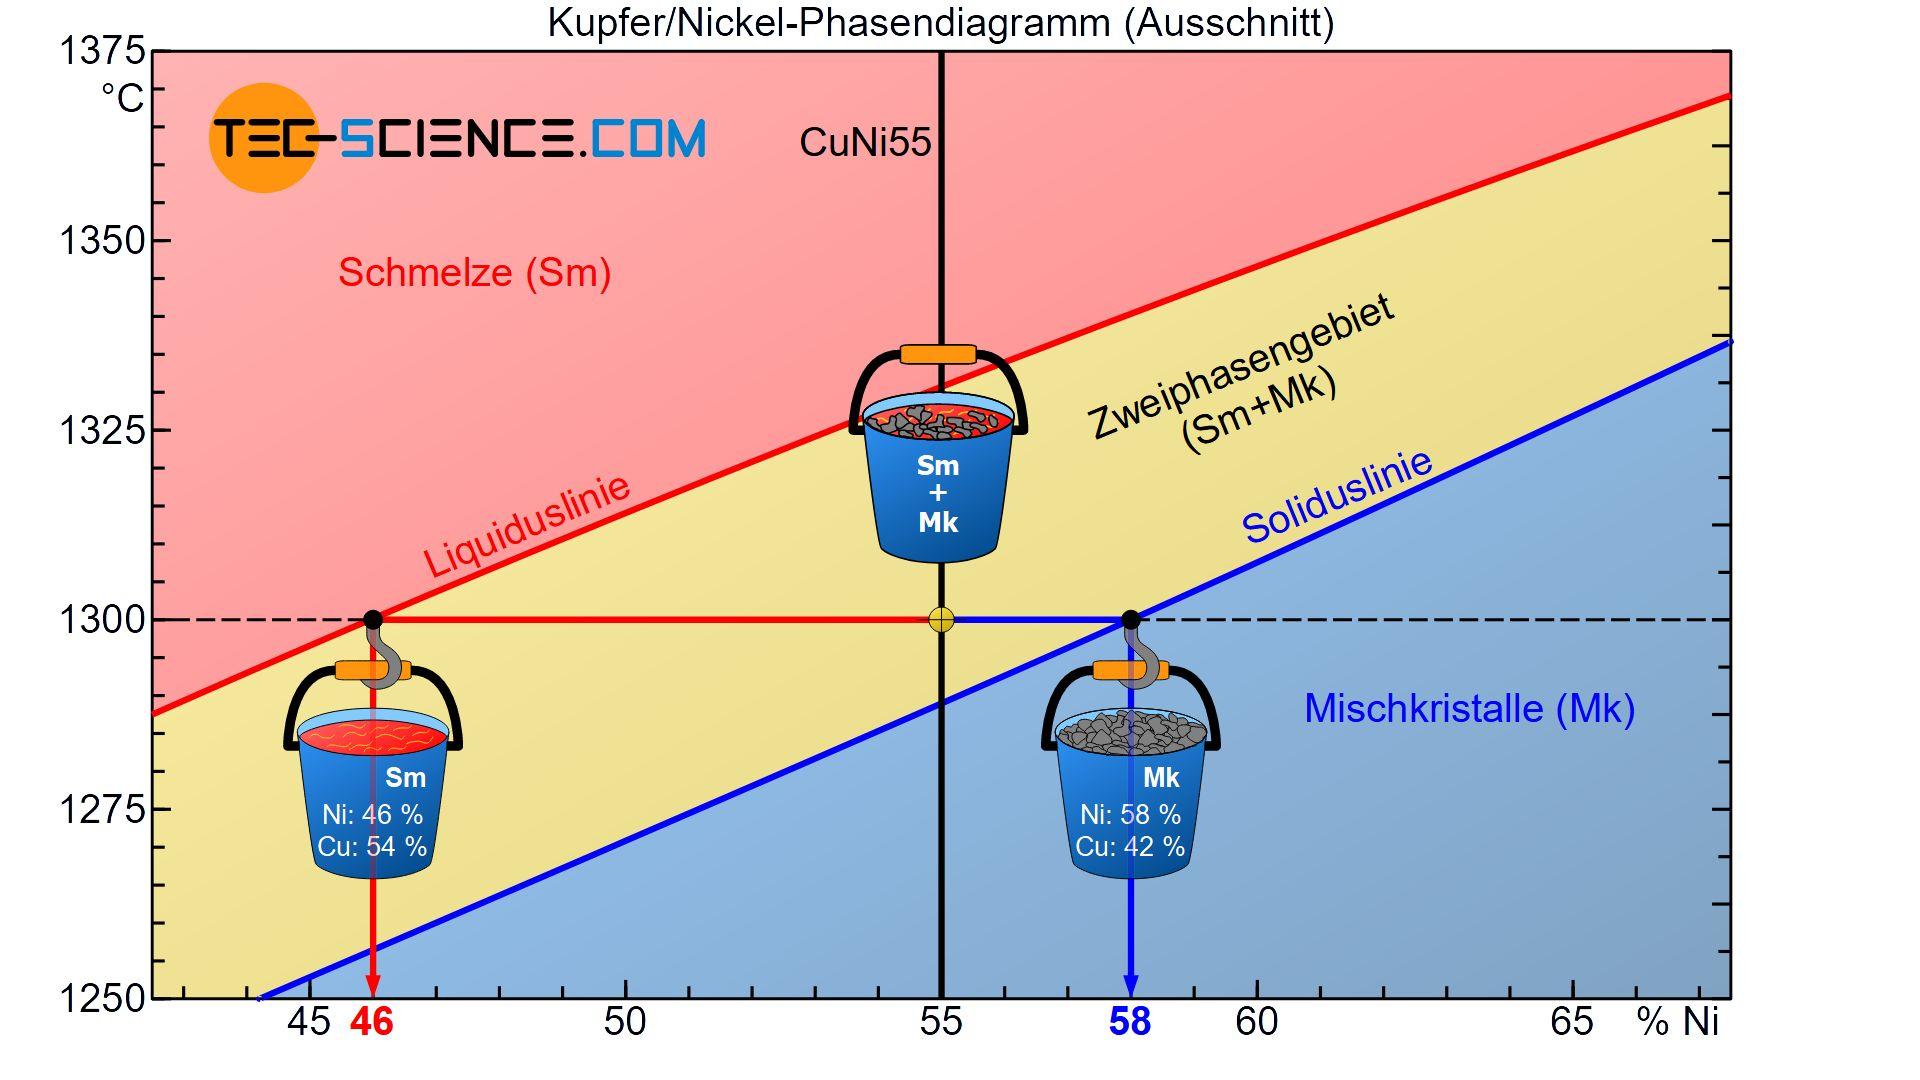 Bestimmung der chemischen Zusammensetzung der Phasen (Phasenzusammensetzung)